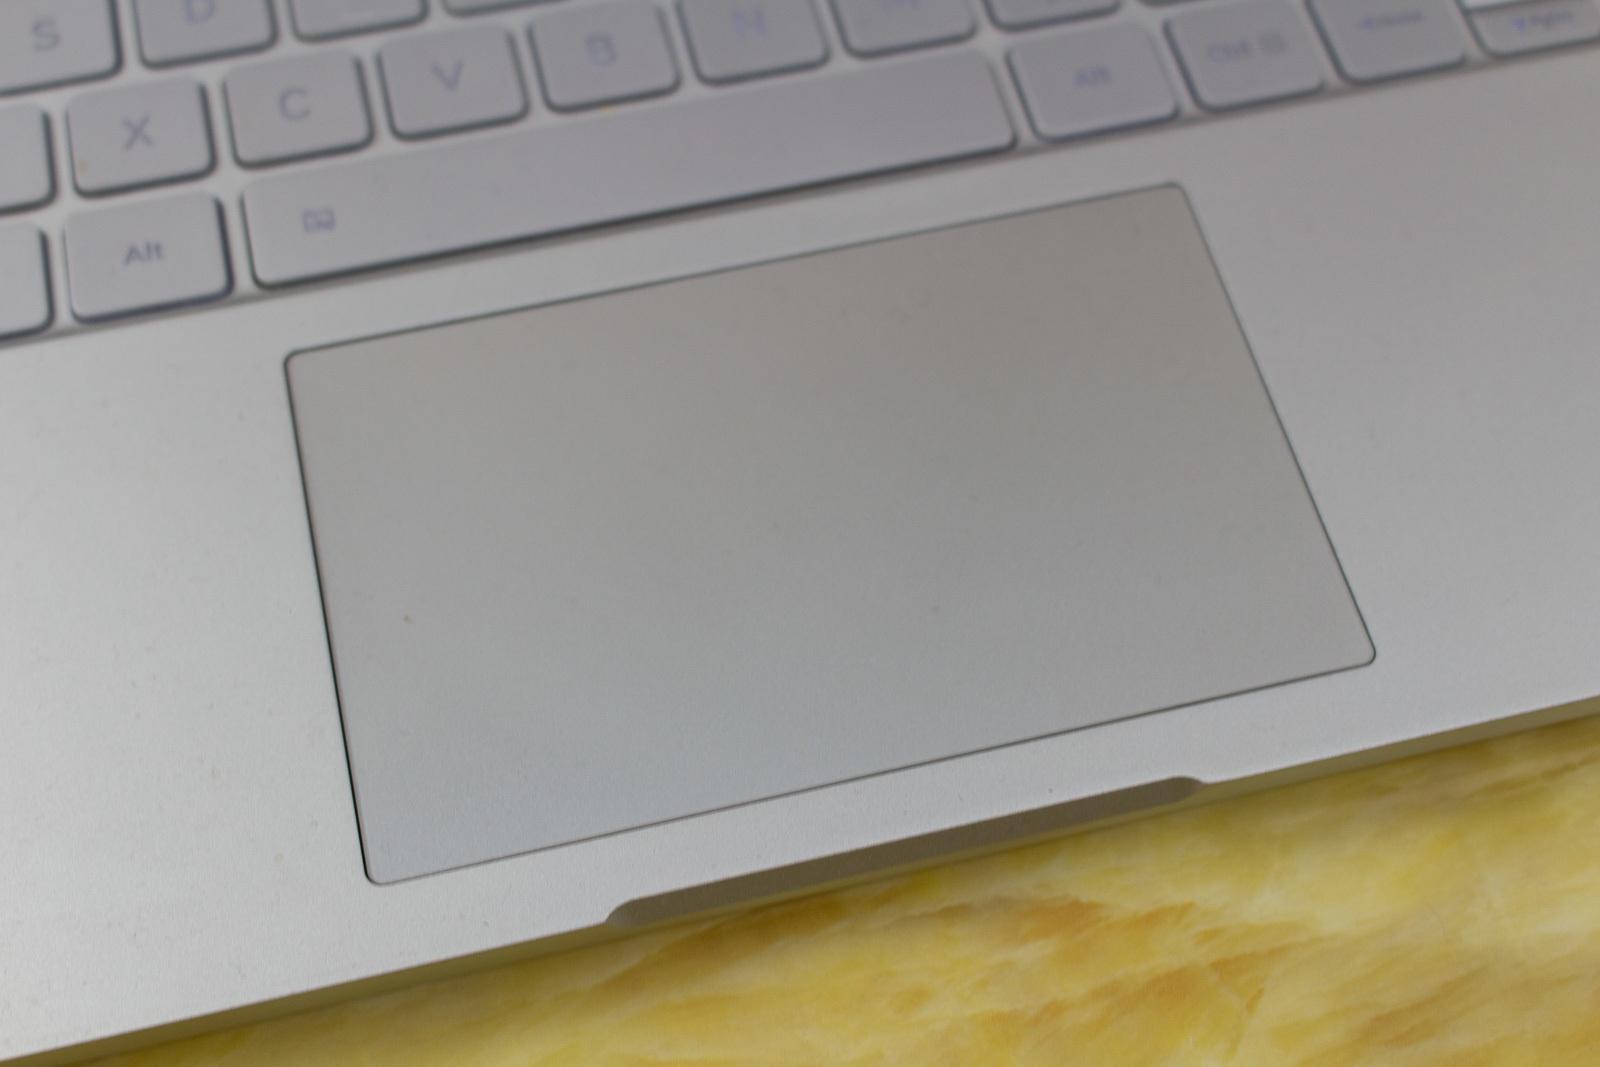 Xiaomi Mi Air 13 Laptop — еще один отличный китайский ноутбук, совершенно непохожий на Macbook - 13